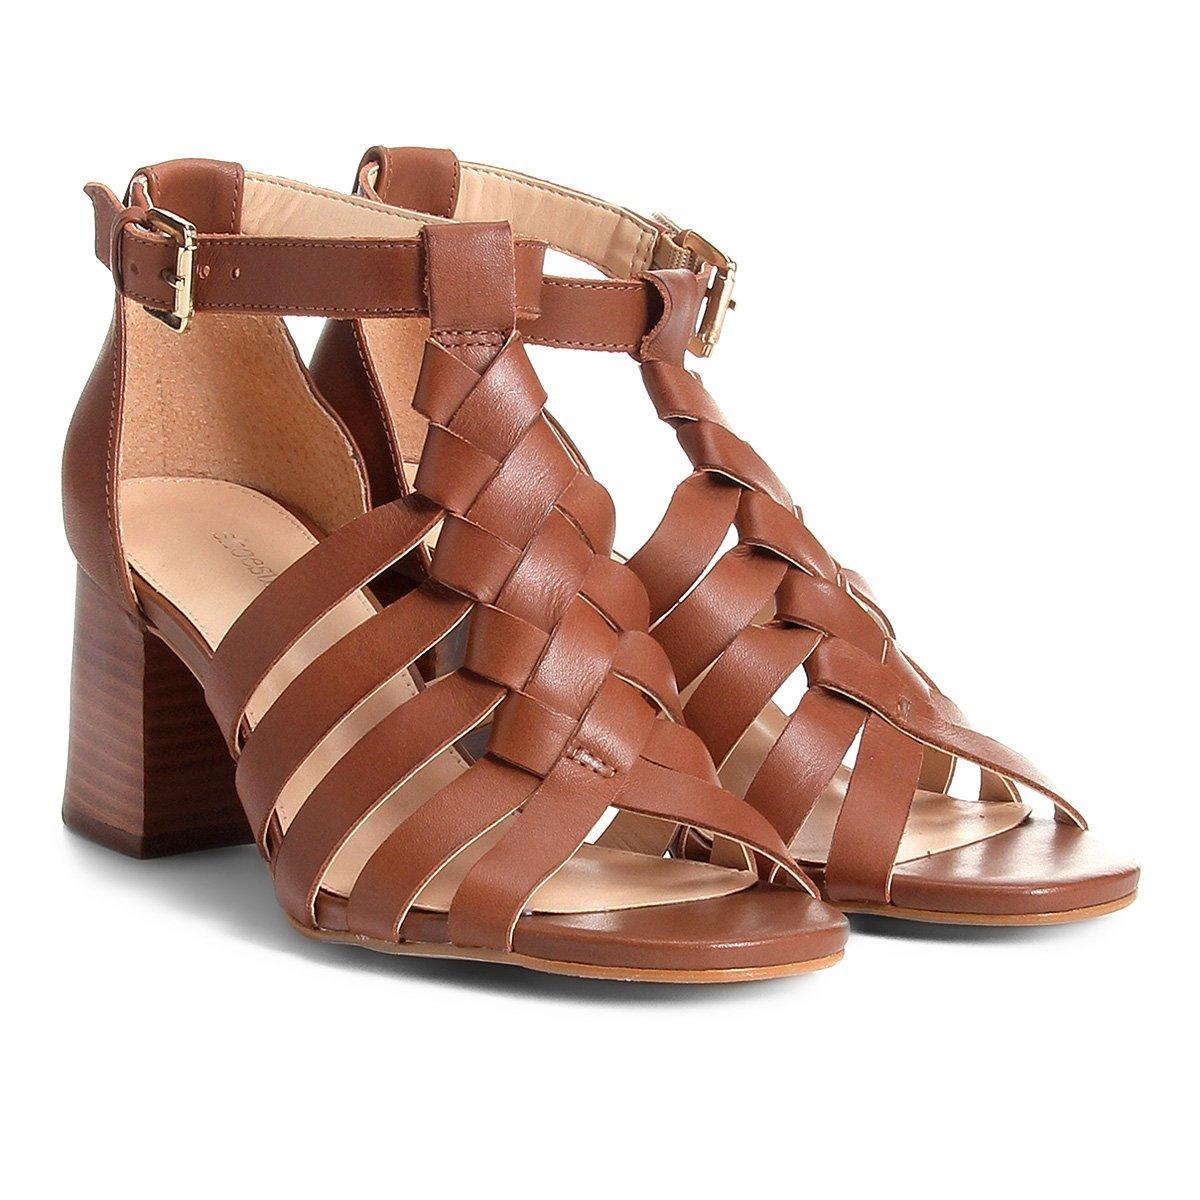 0c7656b49 Sandália Couro Shoestock Salto Grosso Trança Feminina